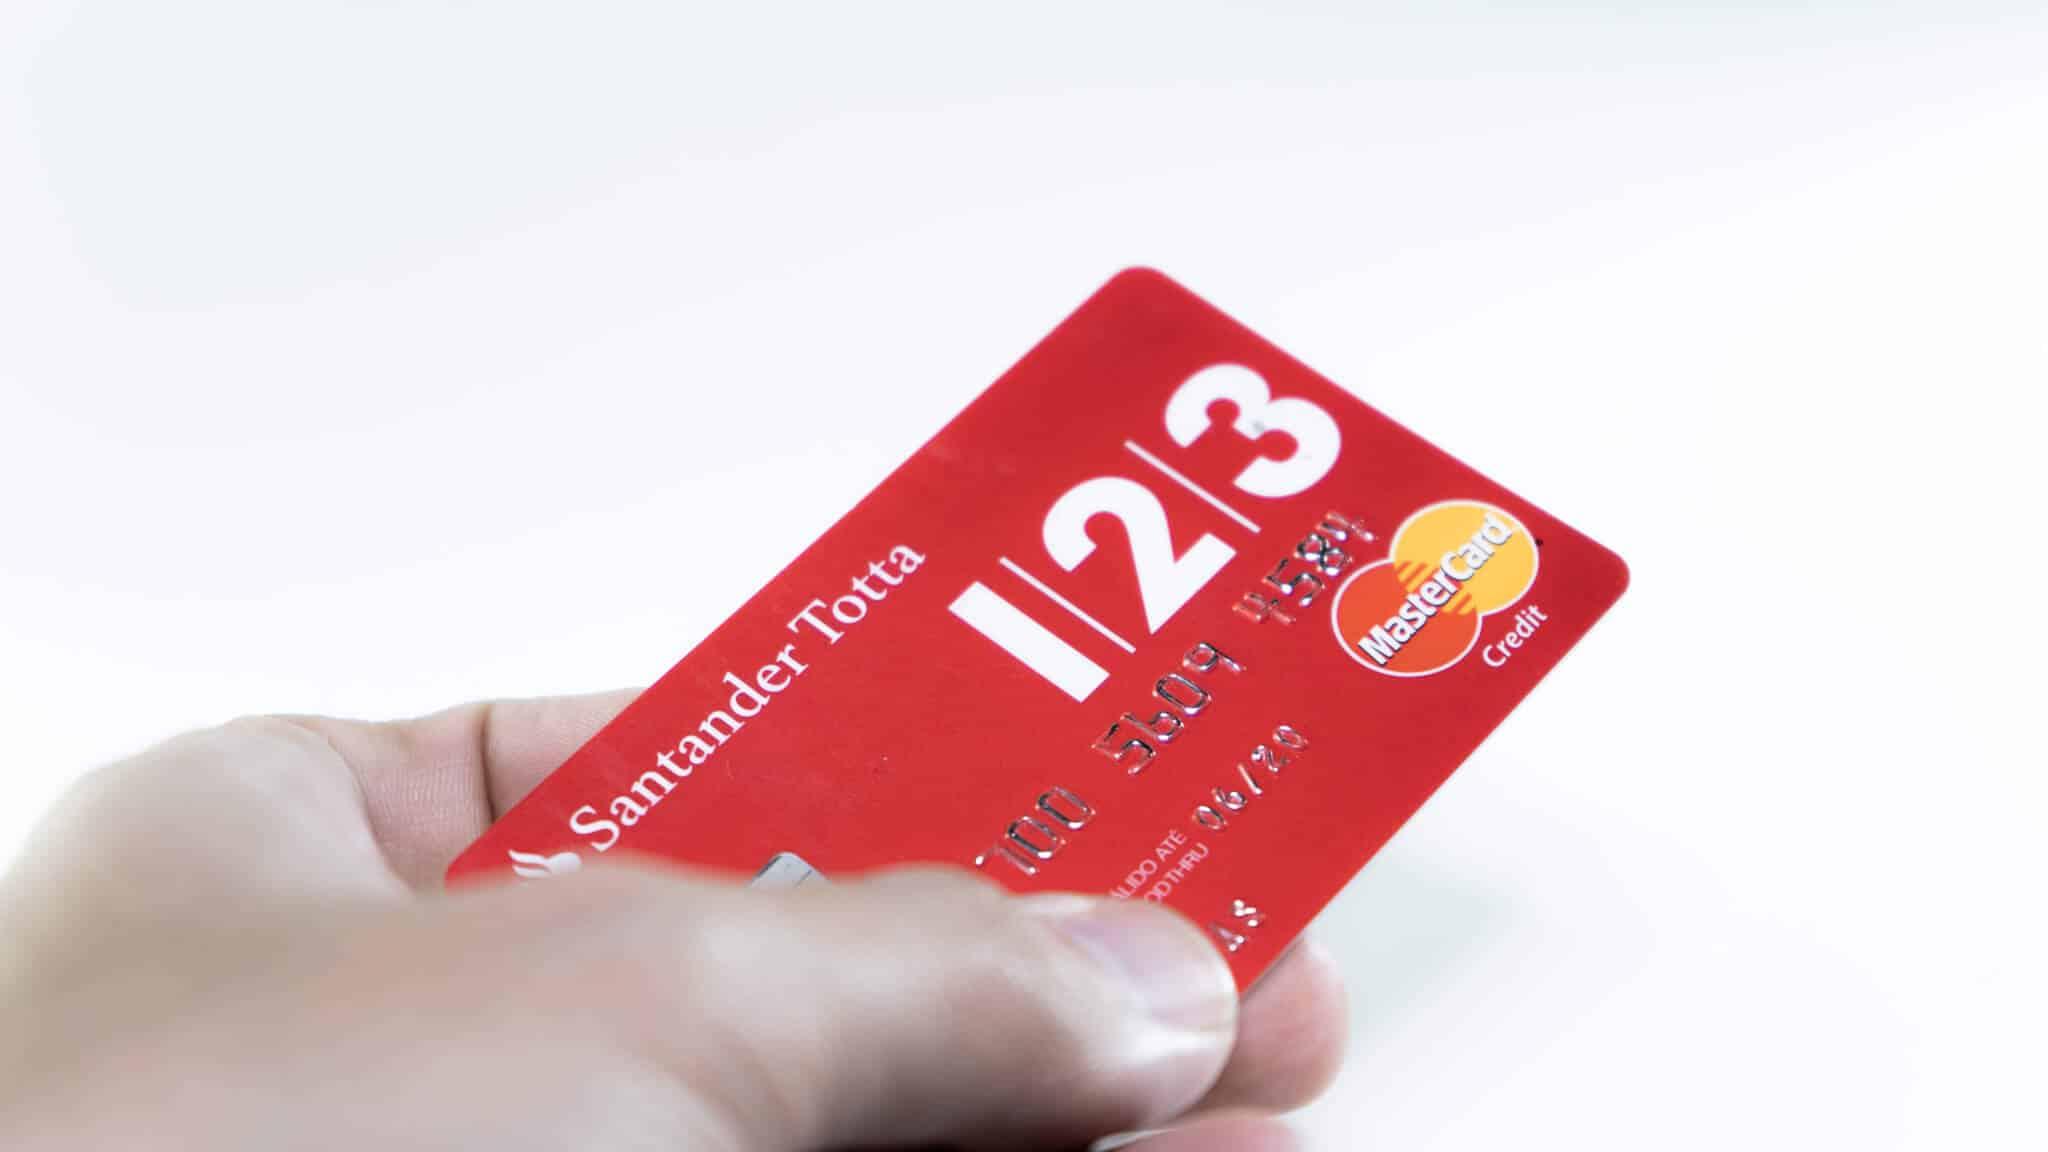 cartão de crédito vermelho 123 do santander